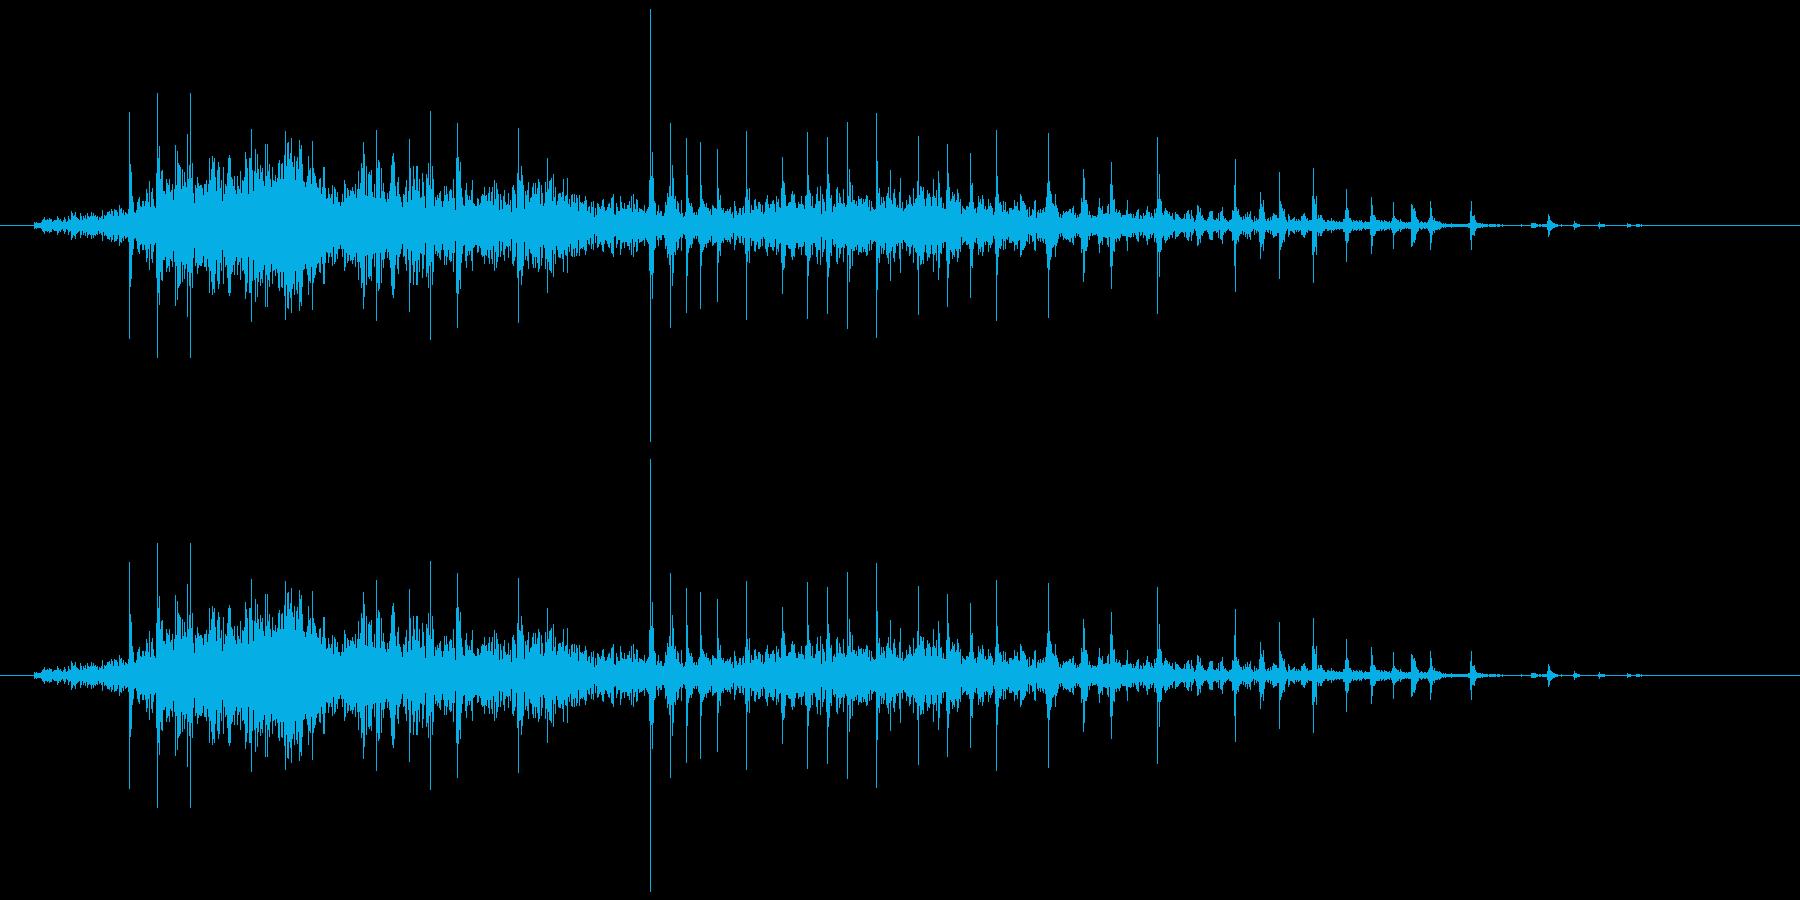 弓をひく効果音(木製、弓矢、きしみ等)4の再生済みの波形